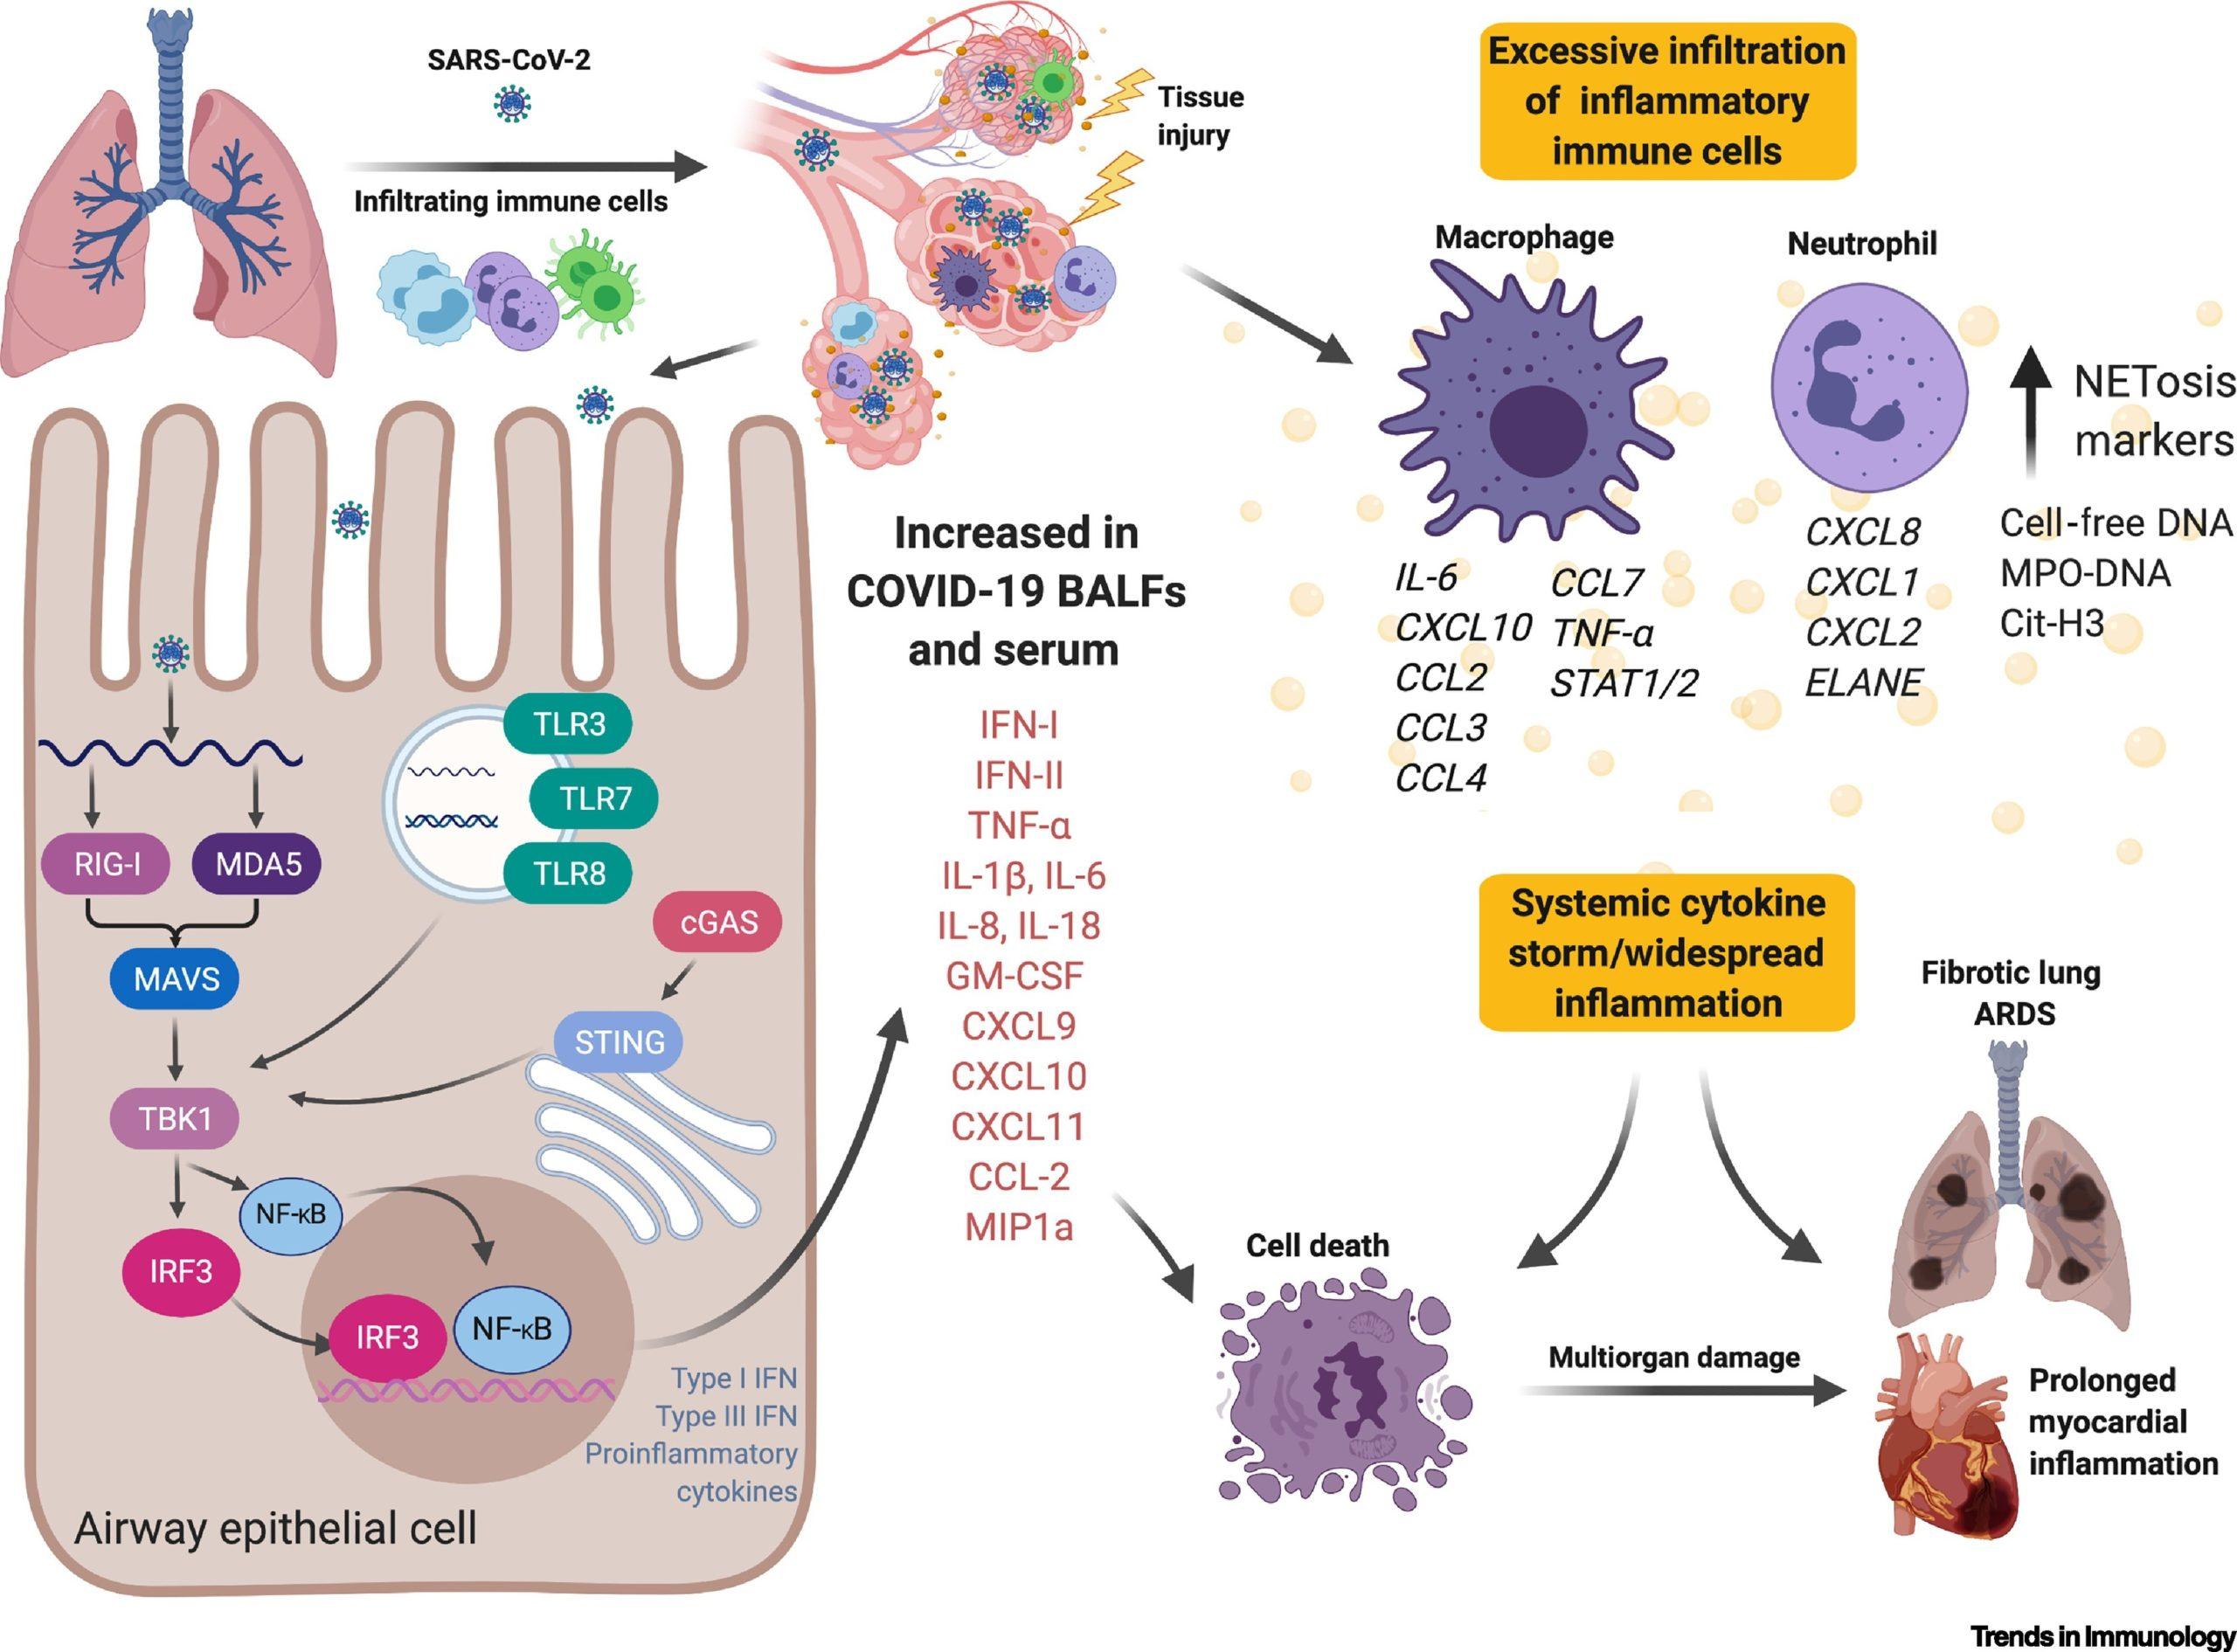 Участие CCL2 в цитокиновом шторме COVID-19